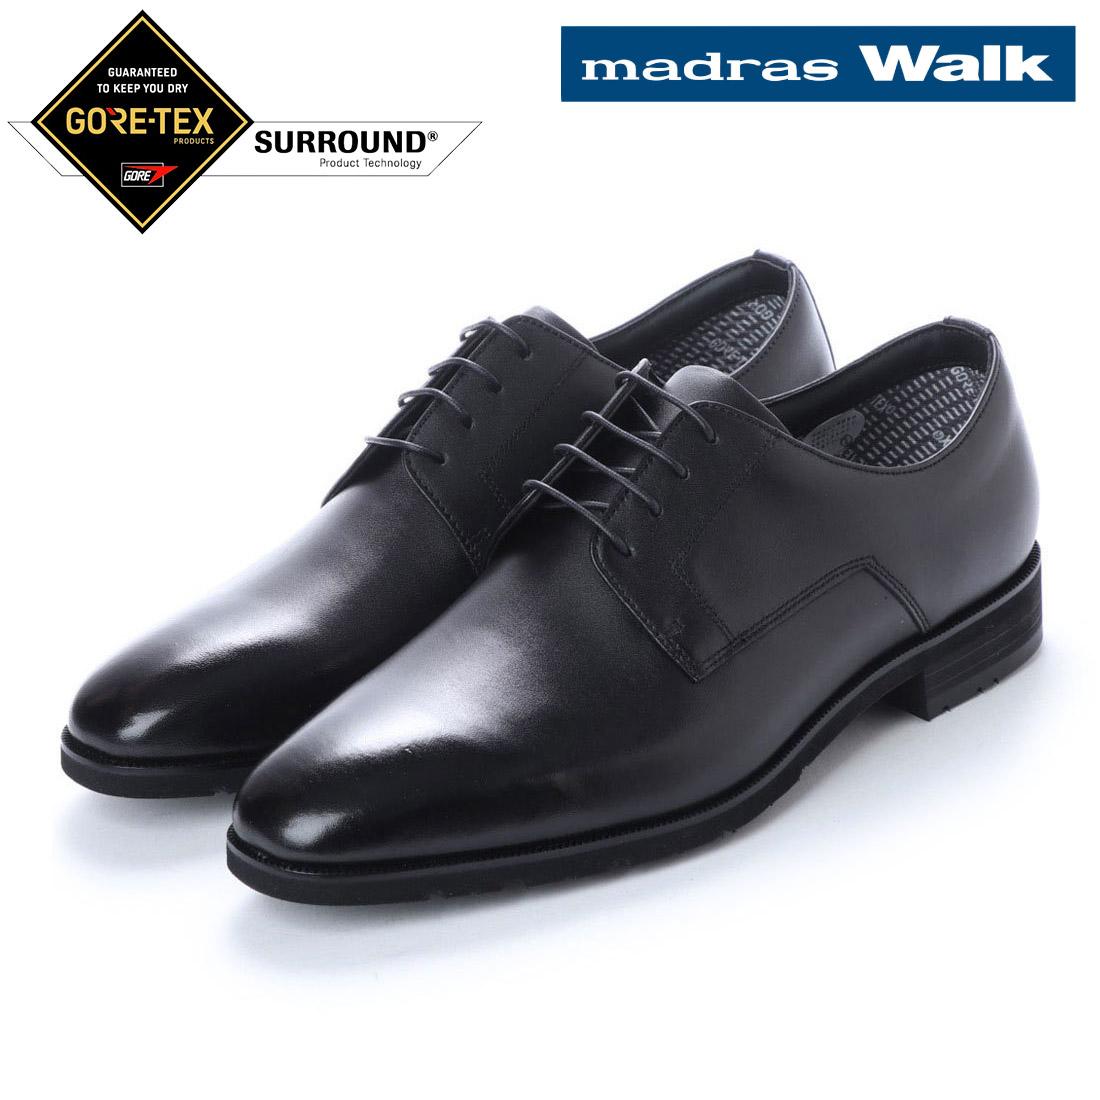 madras Walk マドラス プレーントゥ ビジネス シューズ ゴアテックス MW5631S 防水 【nesh】 【新品】